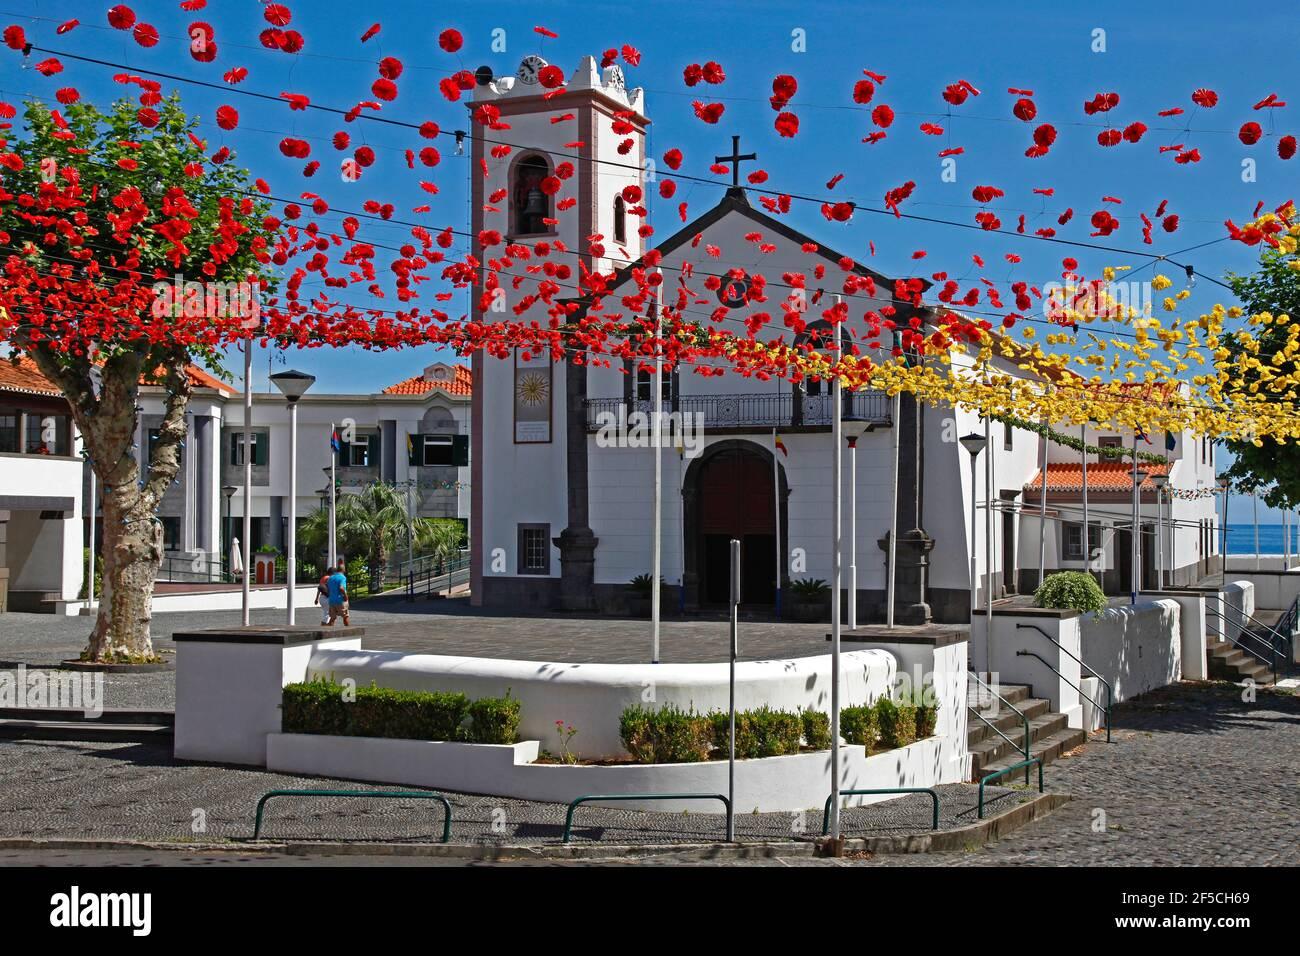 Géographie / voyage, Portugal, Ile de Madère, lieu de pèlerinage Ponta Delgada, église de pèlerinage, fête, droits-supplémentaires-déstockage-Info-non-disponible Banque D'Images